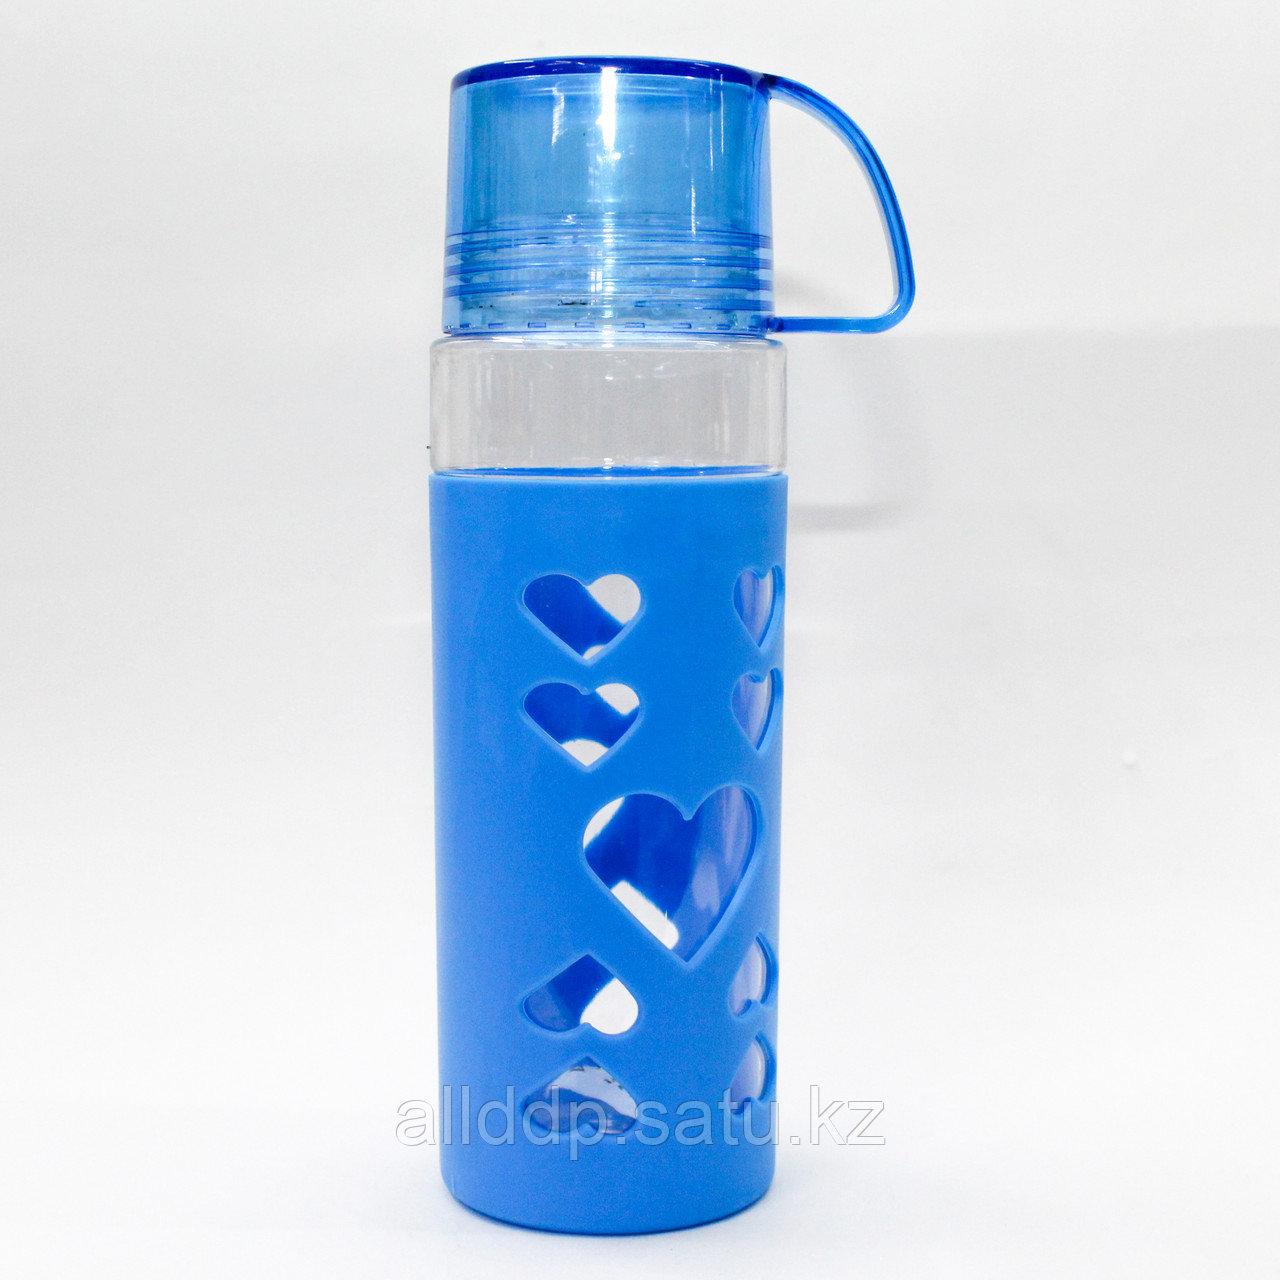 Эко бутылка для воды со стаканом, 0,5 л, голубая